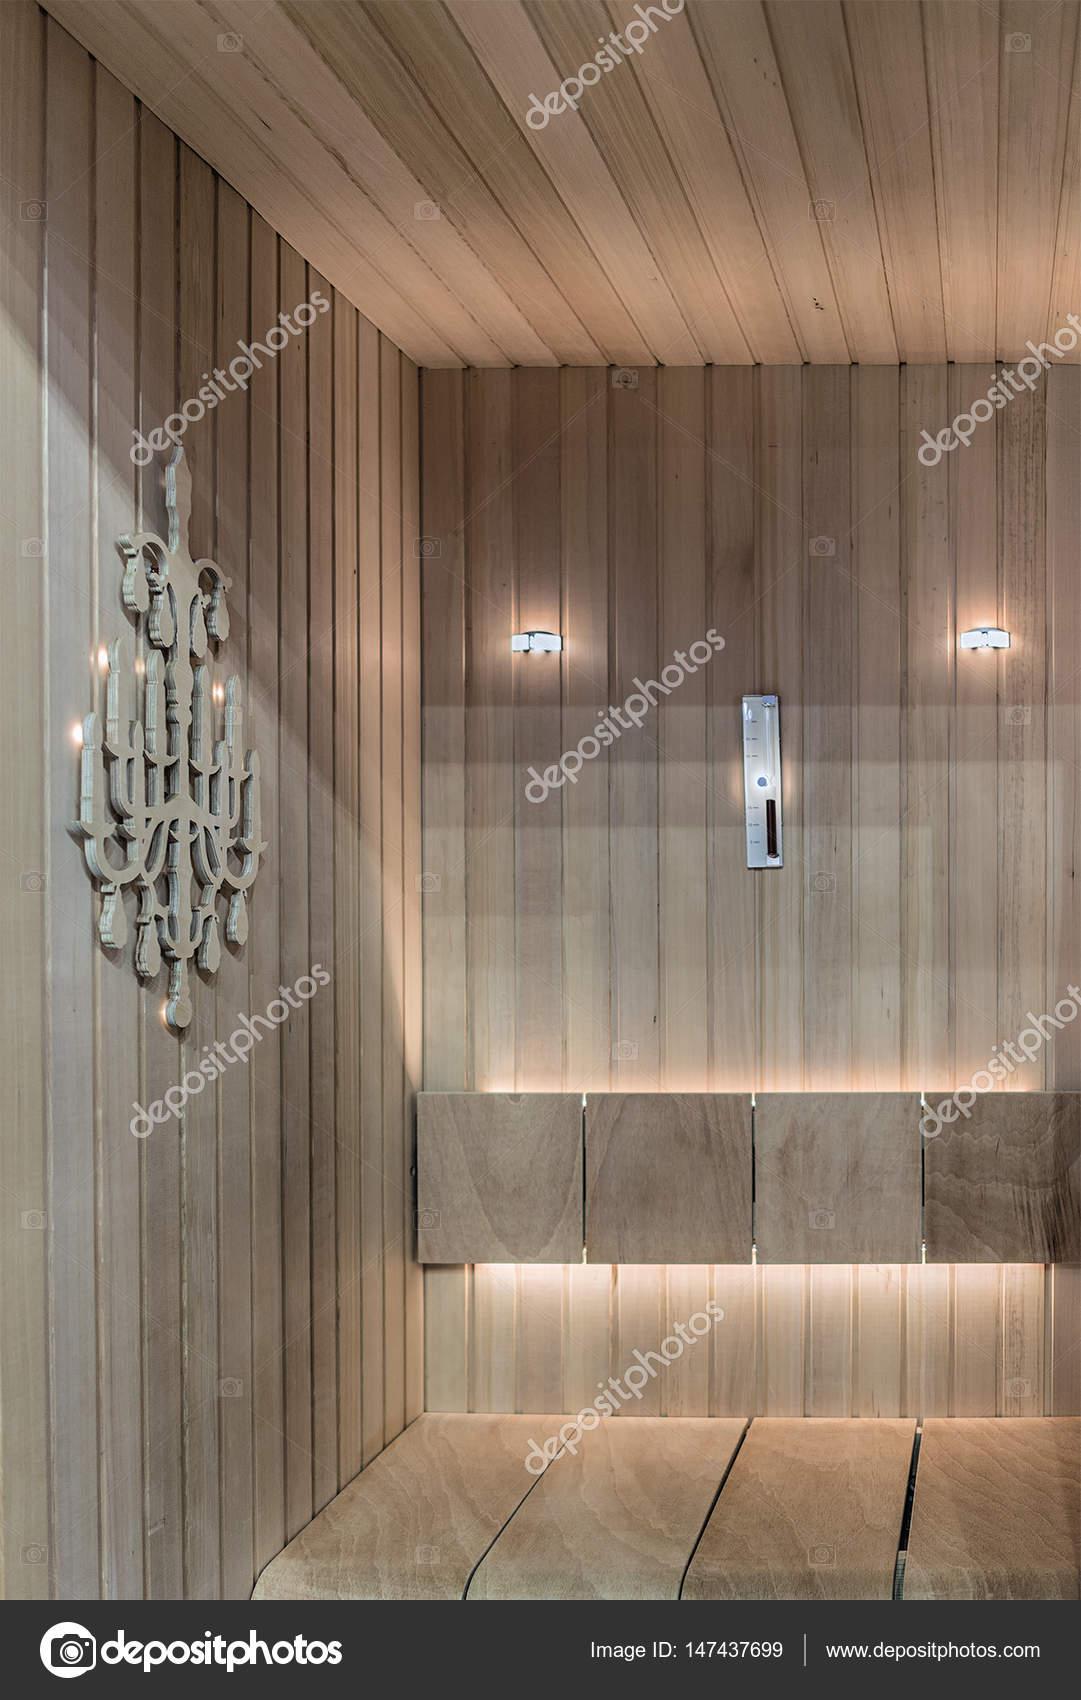 ingebouwde led verlichting in een kleine gezellige sauna stockfoto